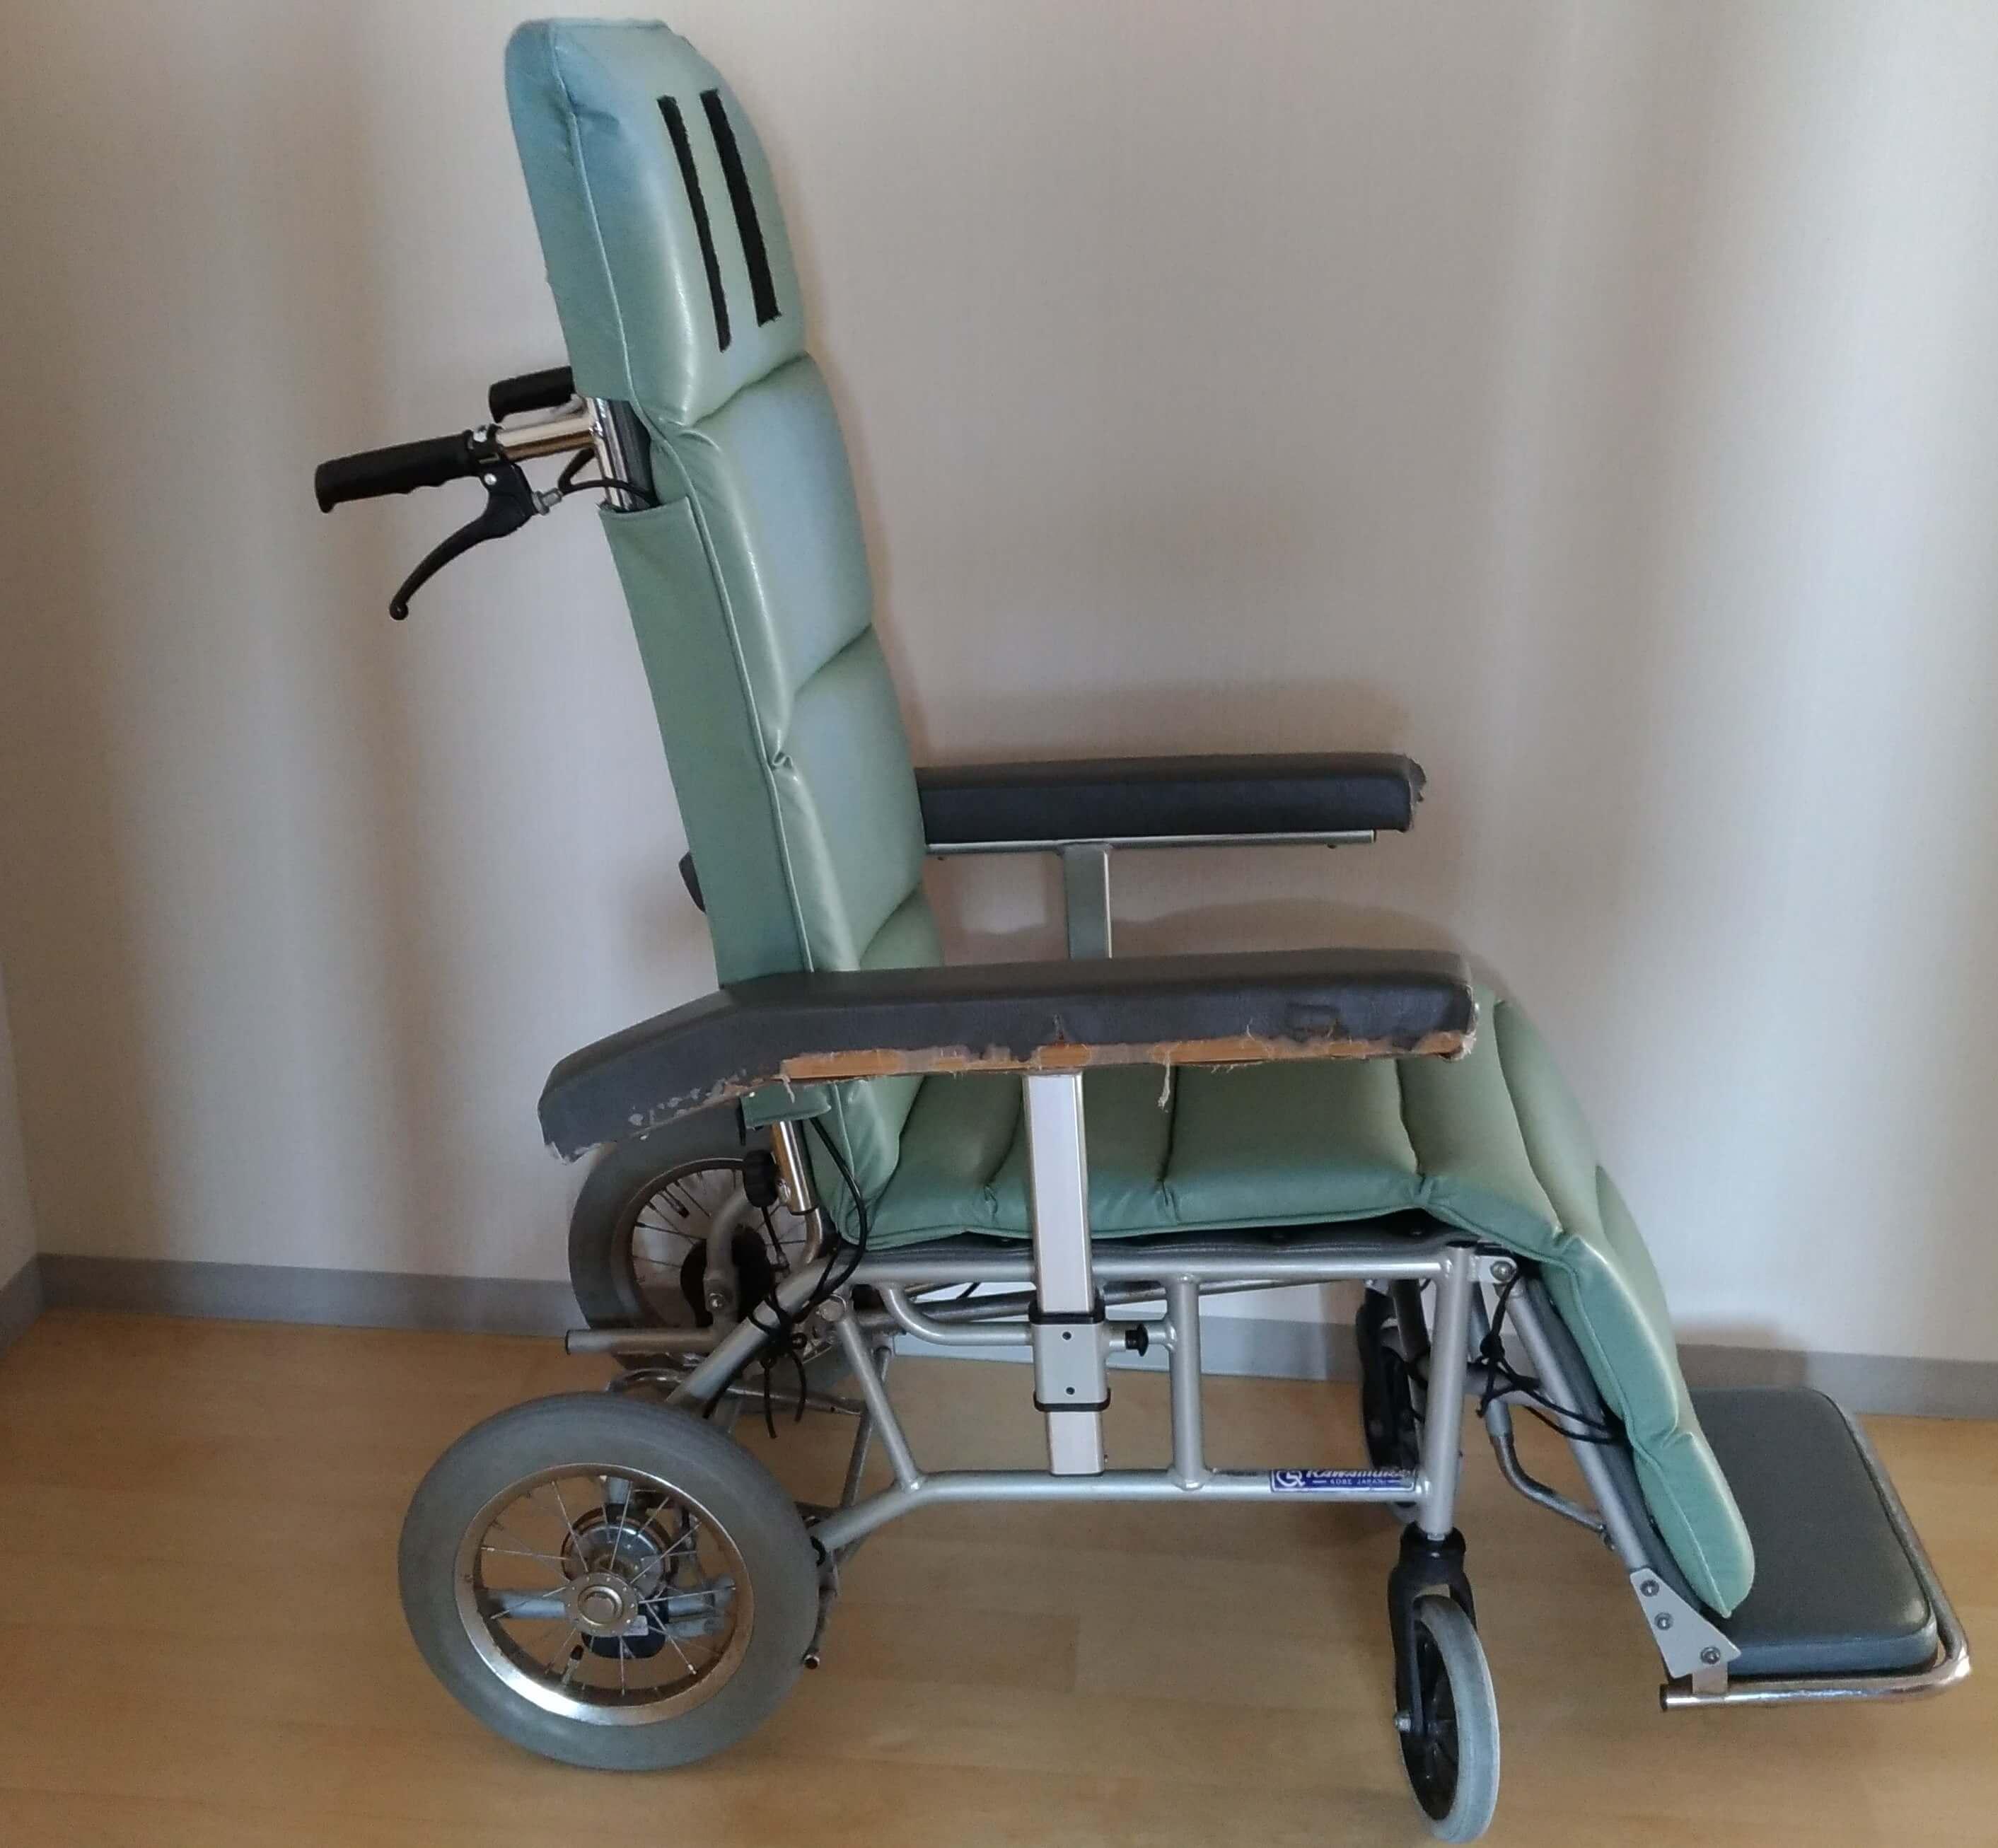 リクライニング型車椅子 メリット デメリット